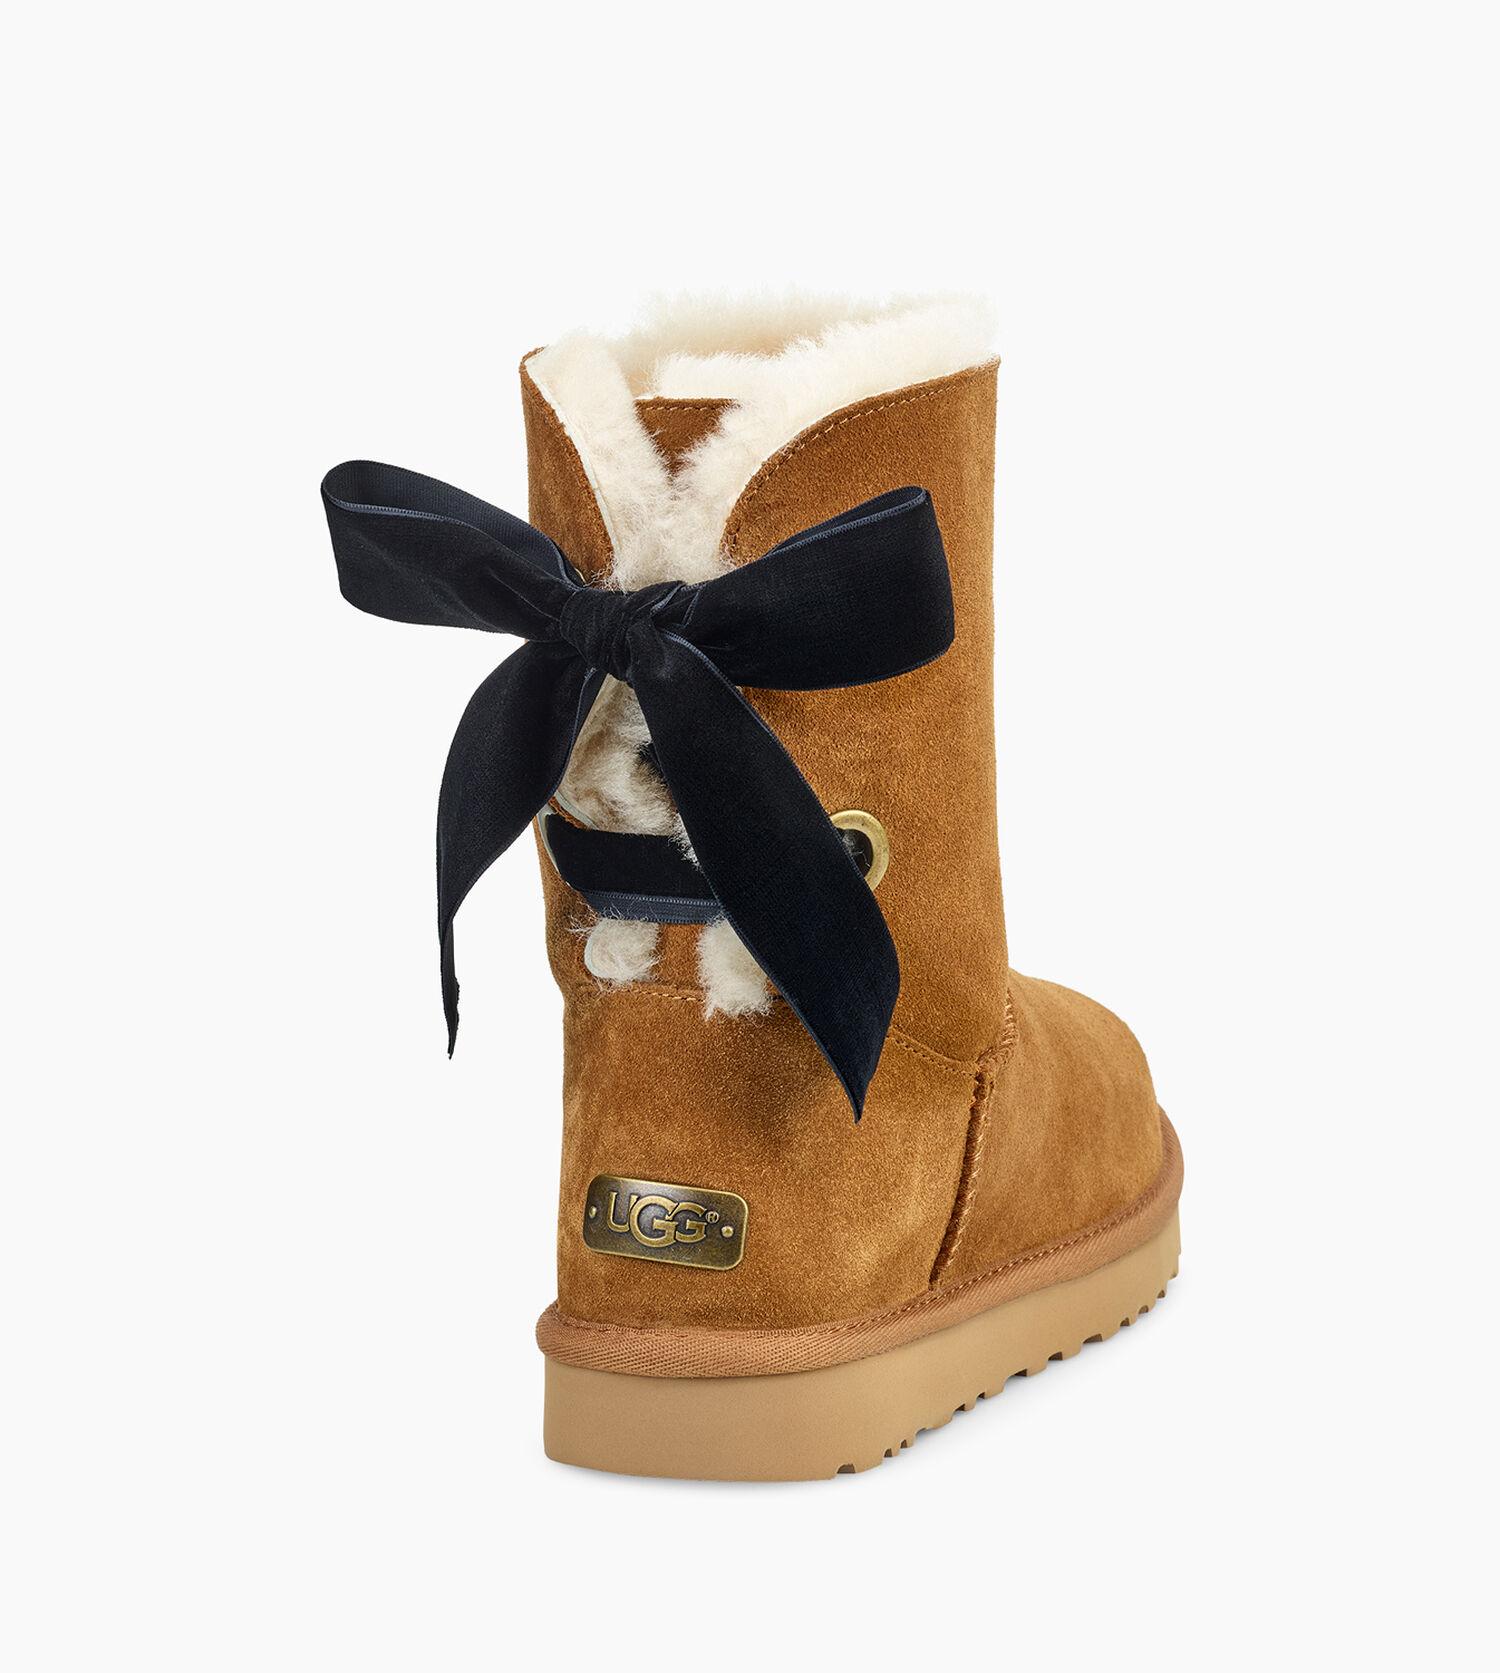 7ec2390eef3 Women's Share this product Short Bailey Bow Velvet Ribbon